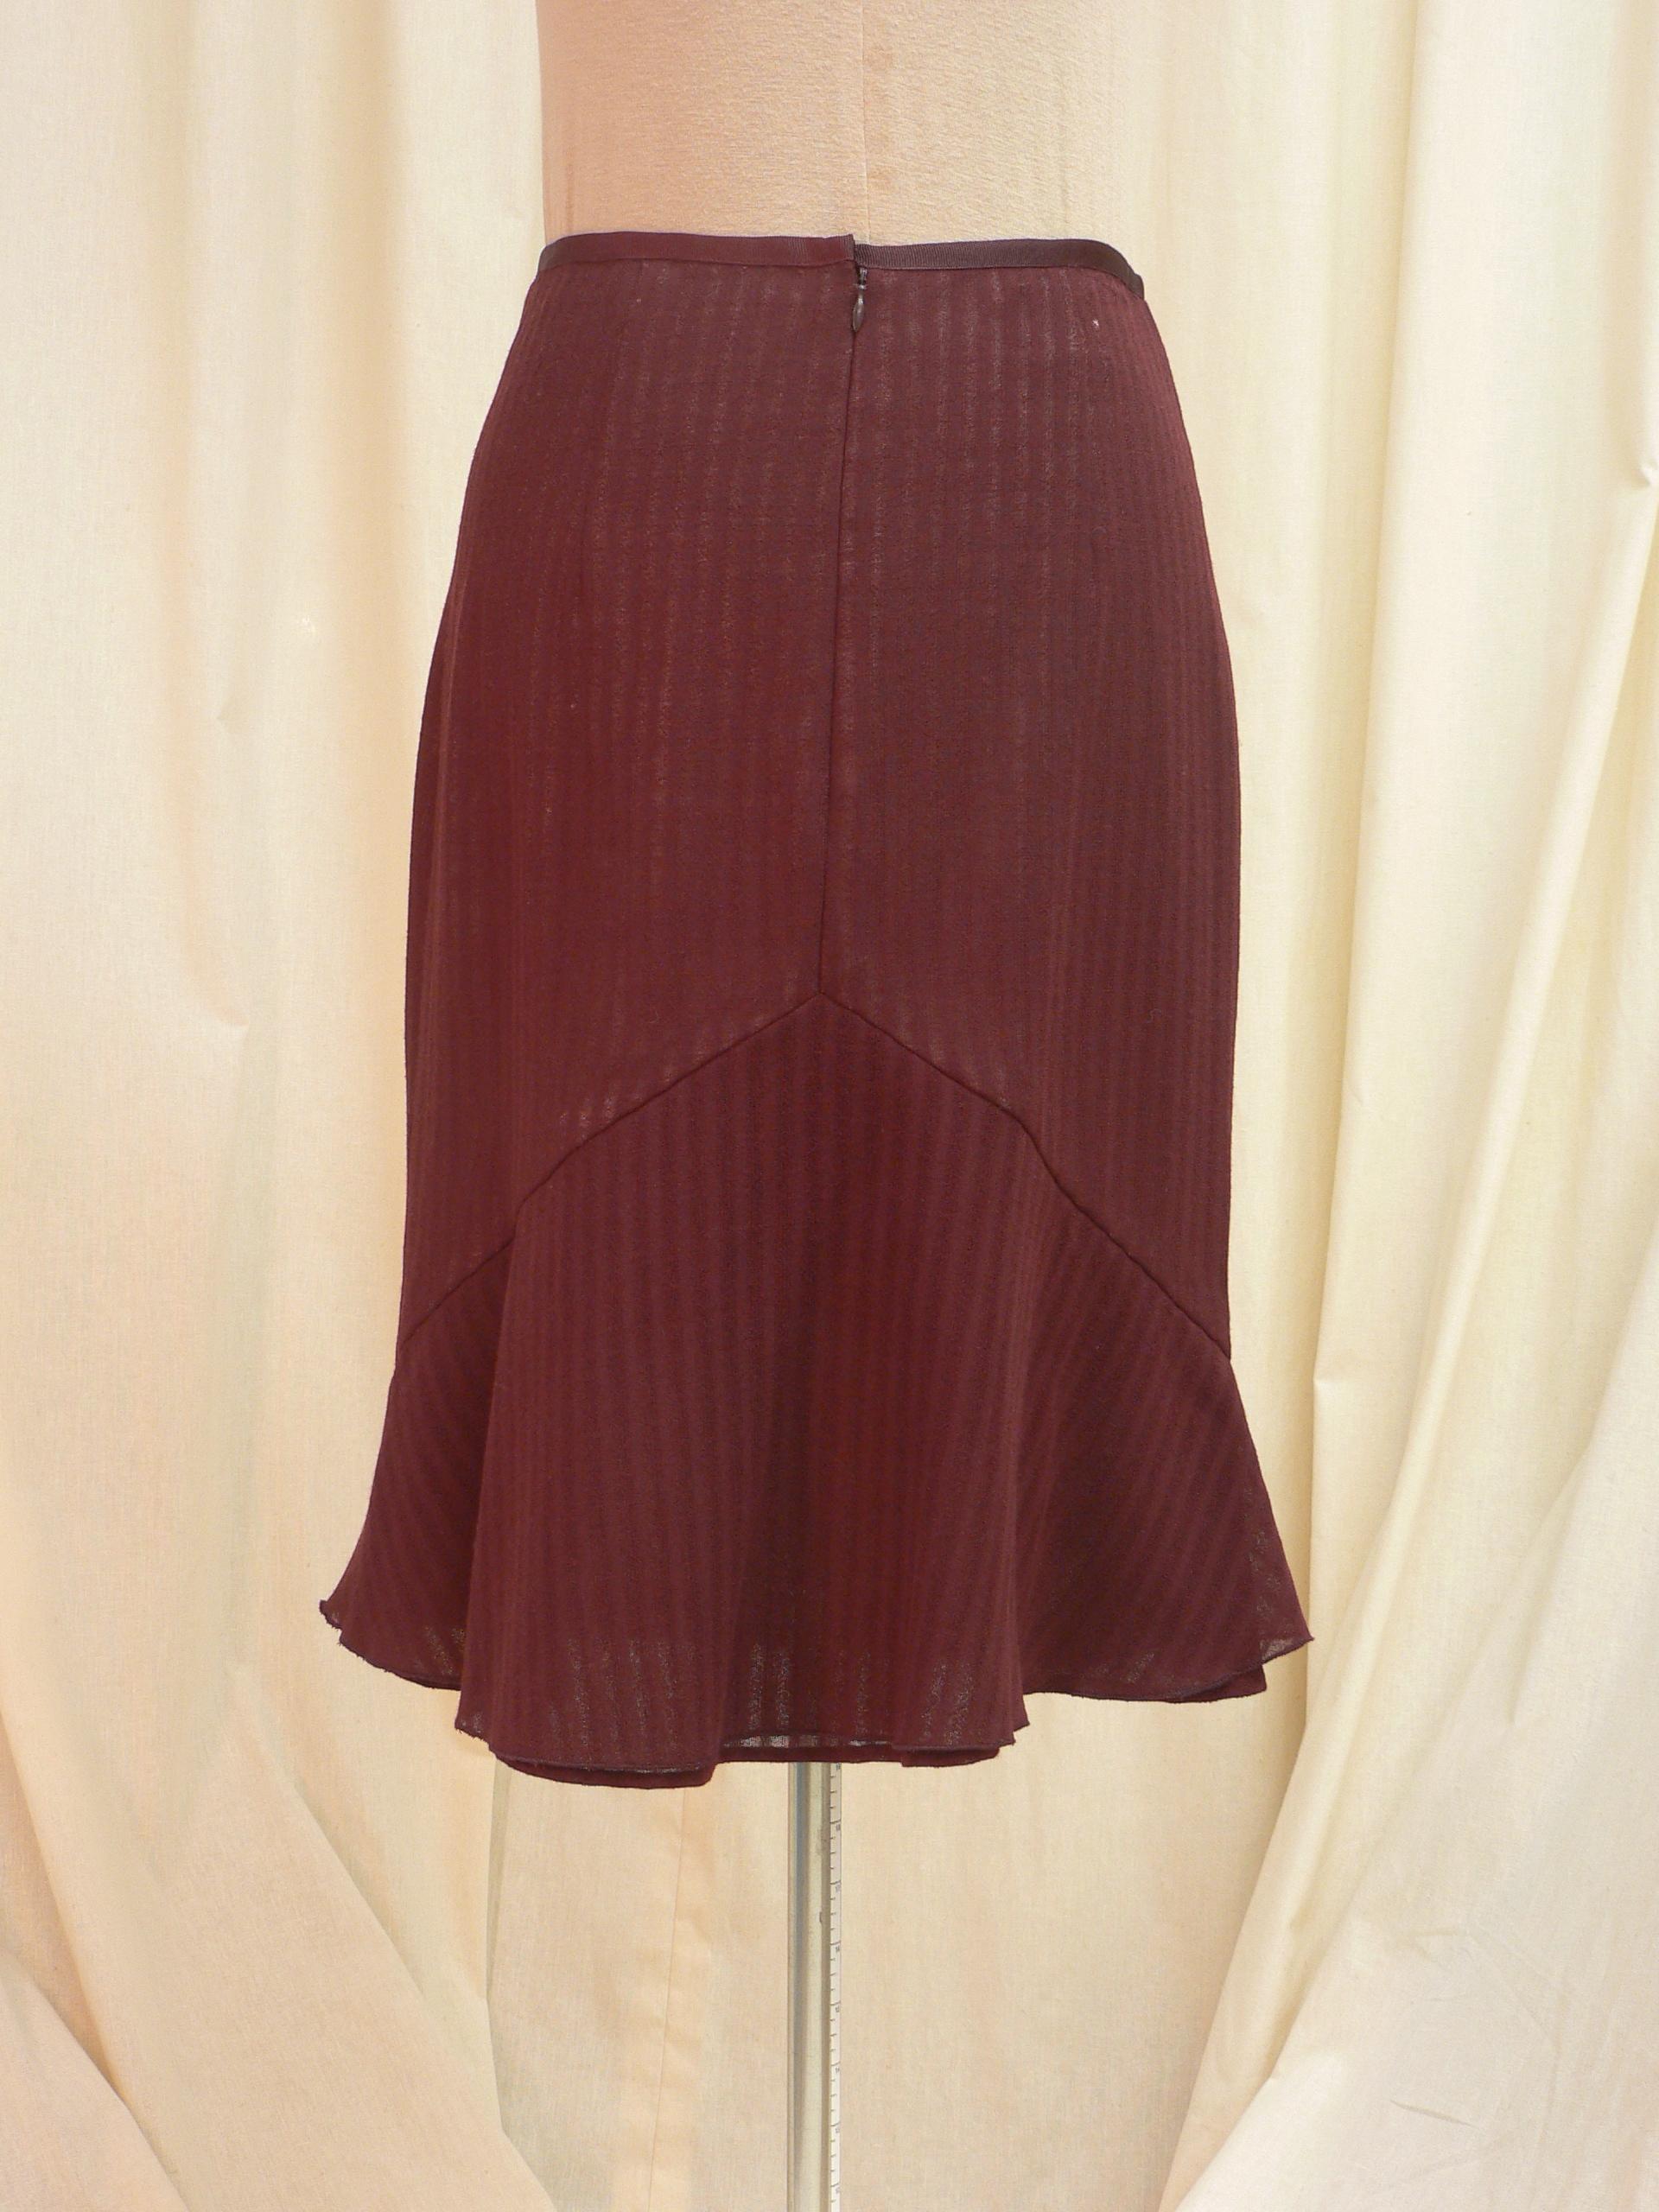 skirt05_back.JPG